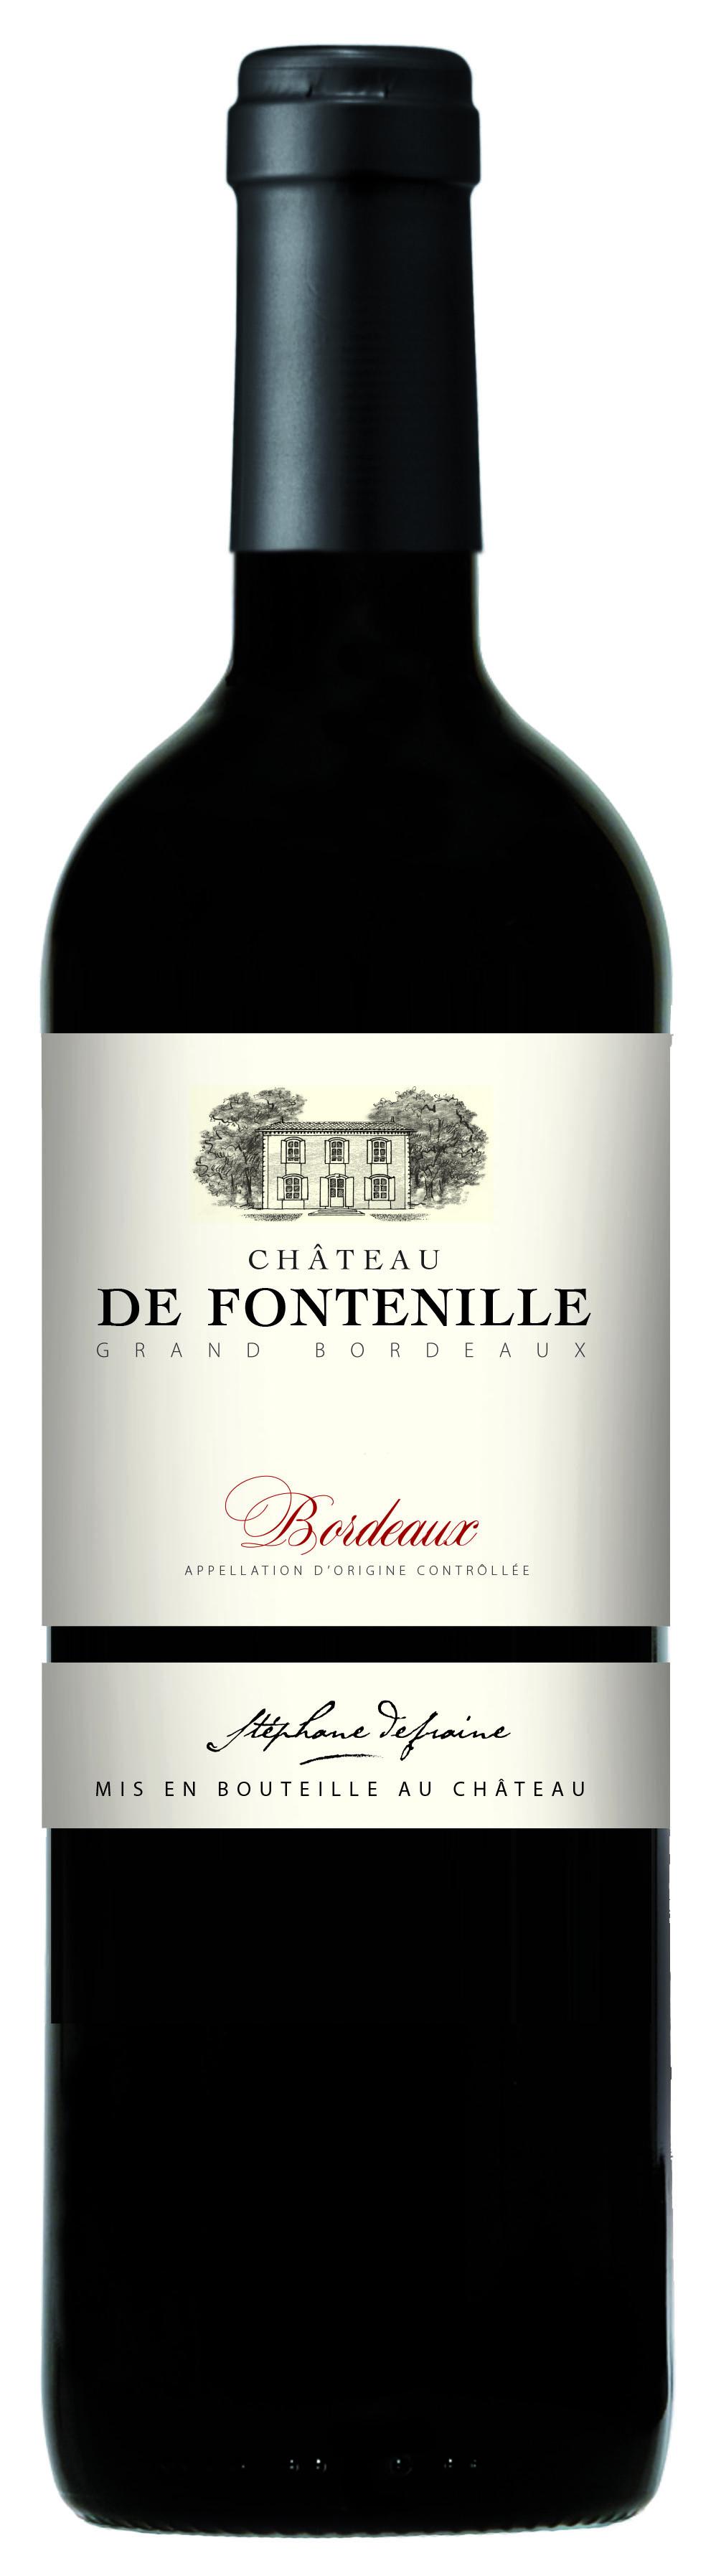 Château de Fontenille, Bordeaux Rouge 2016